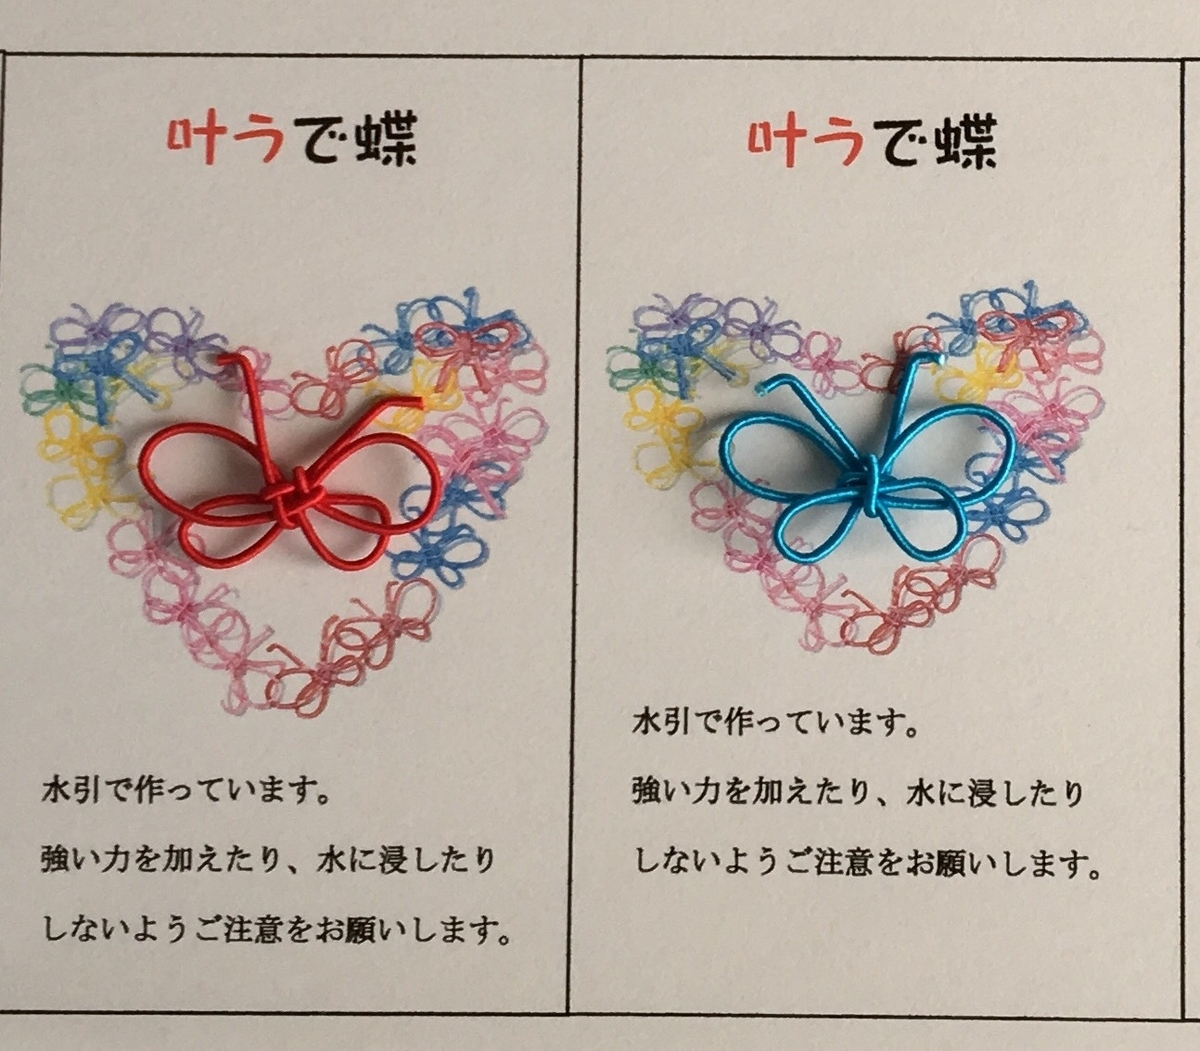 f:id:ishikara:20190426162221j:plain